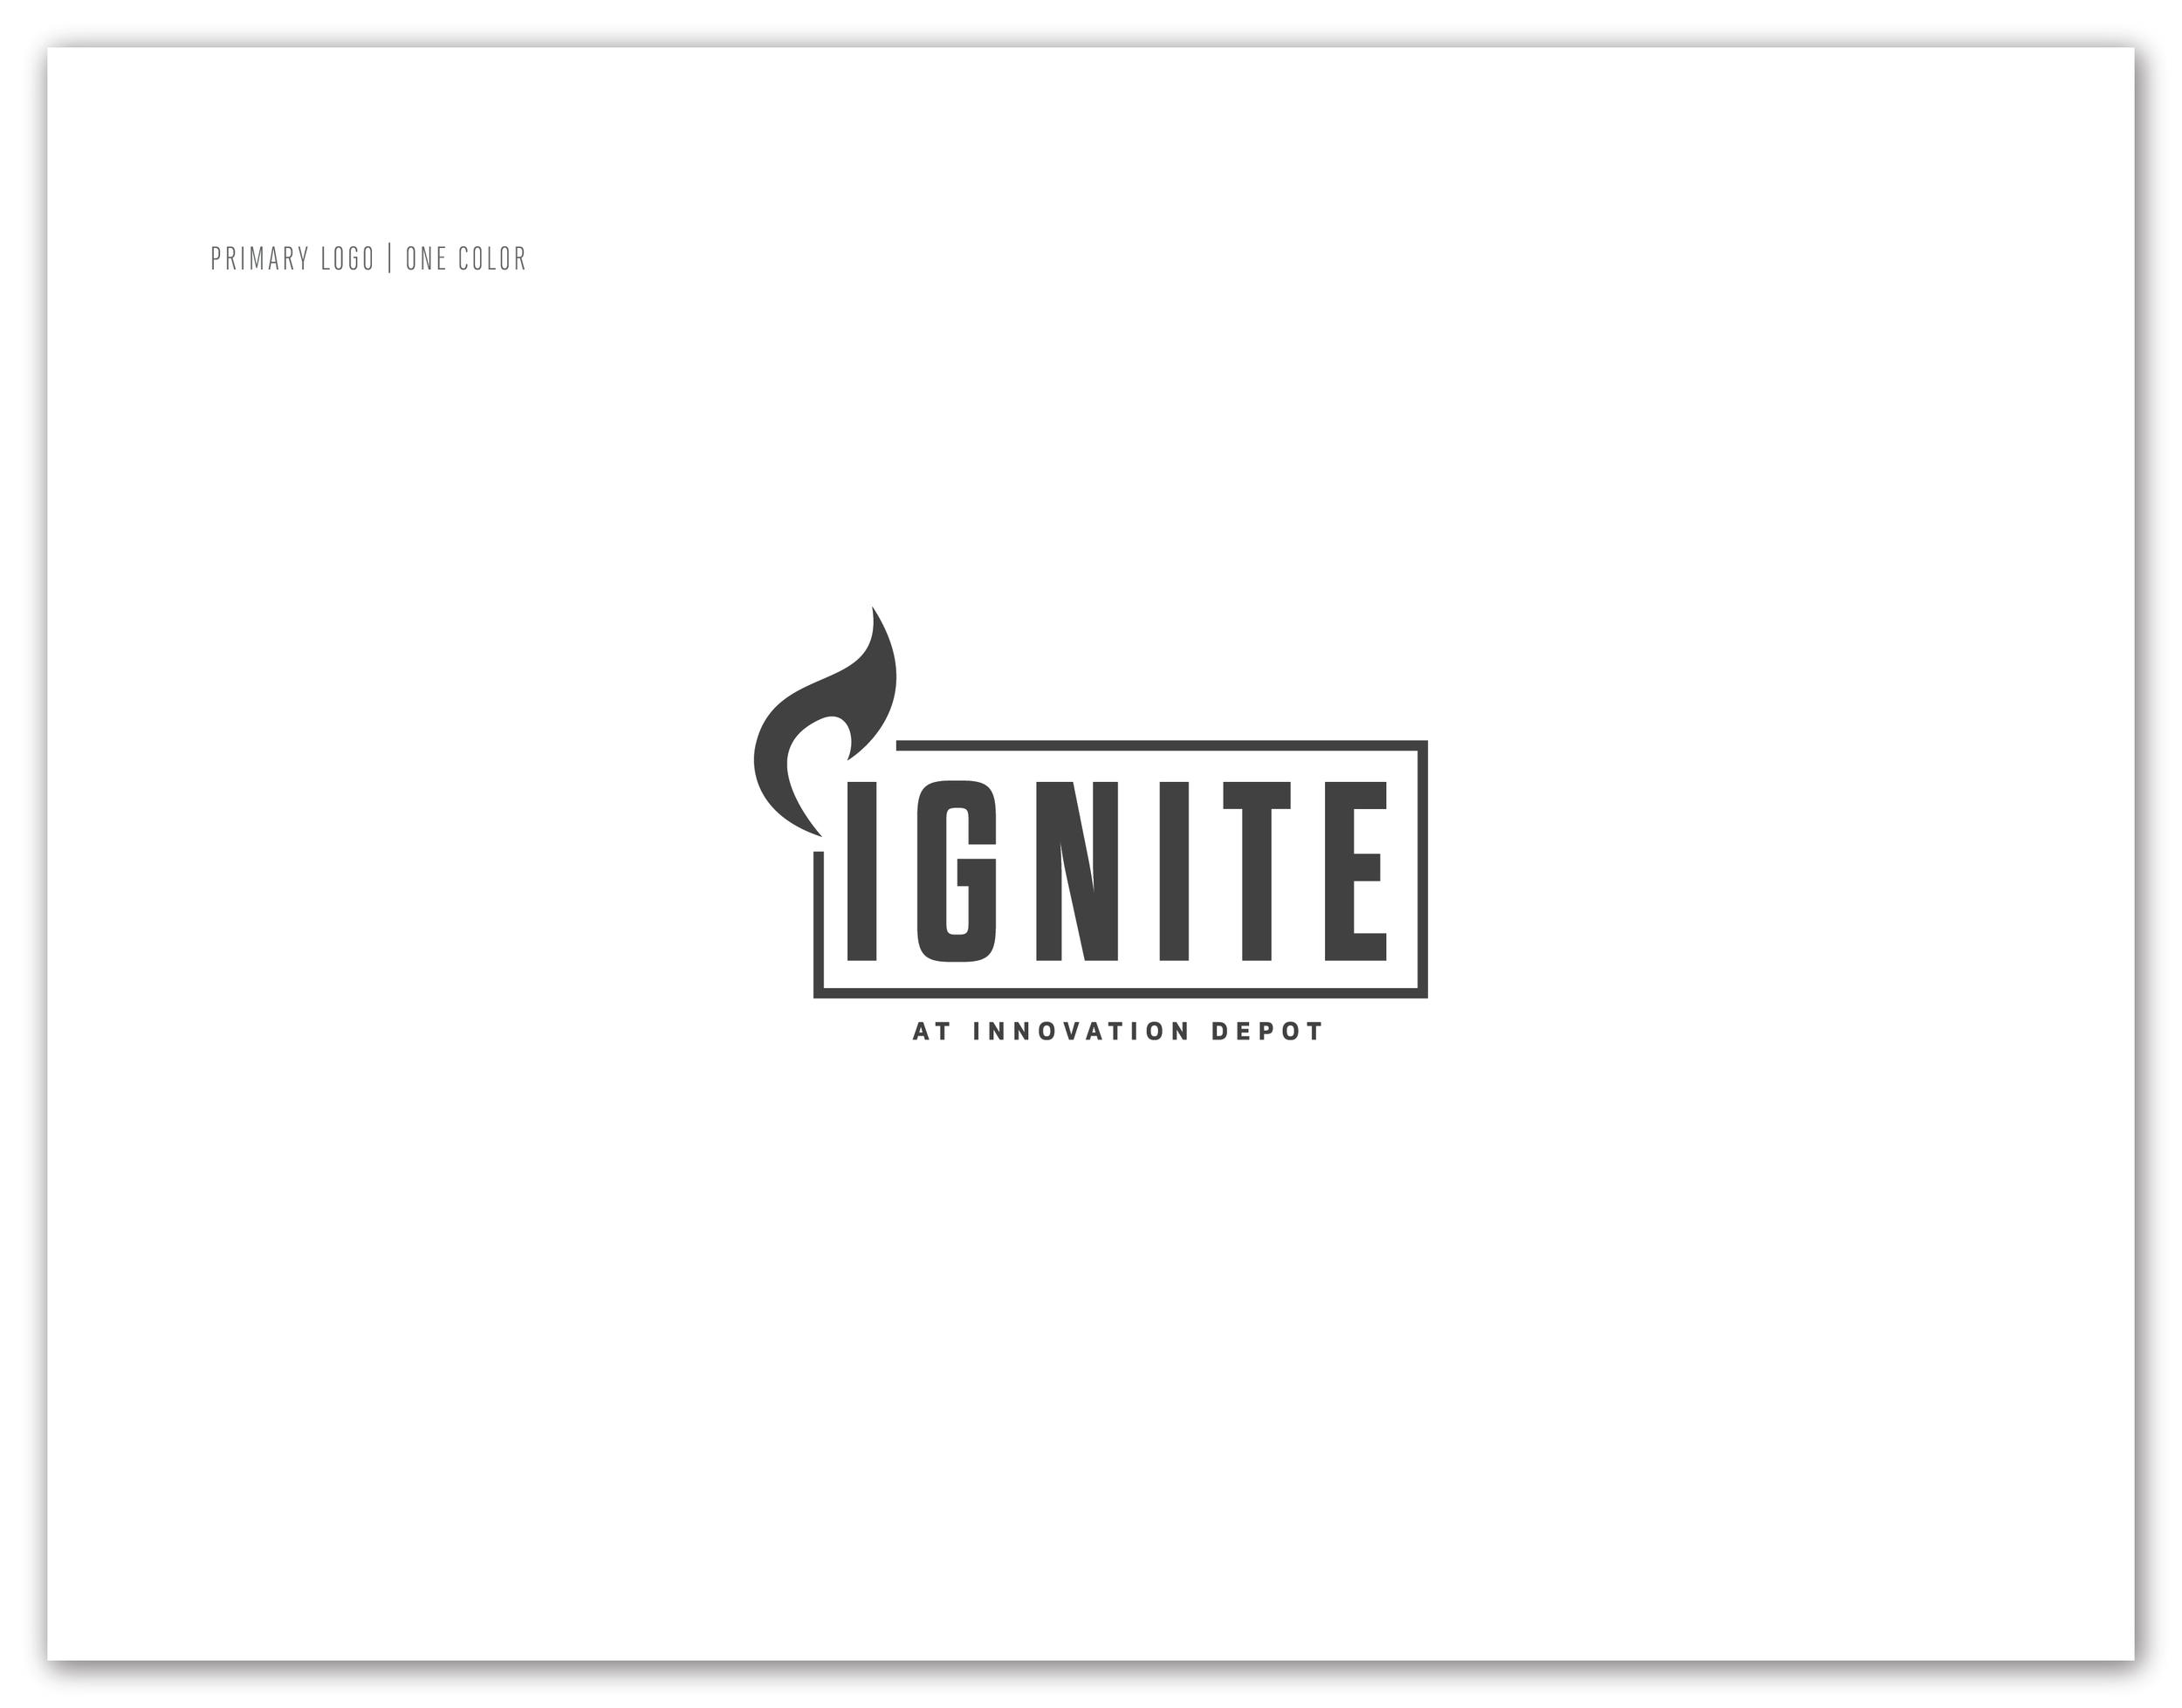 IgniteIdentityPackagePort_7.png